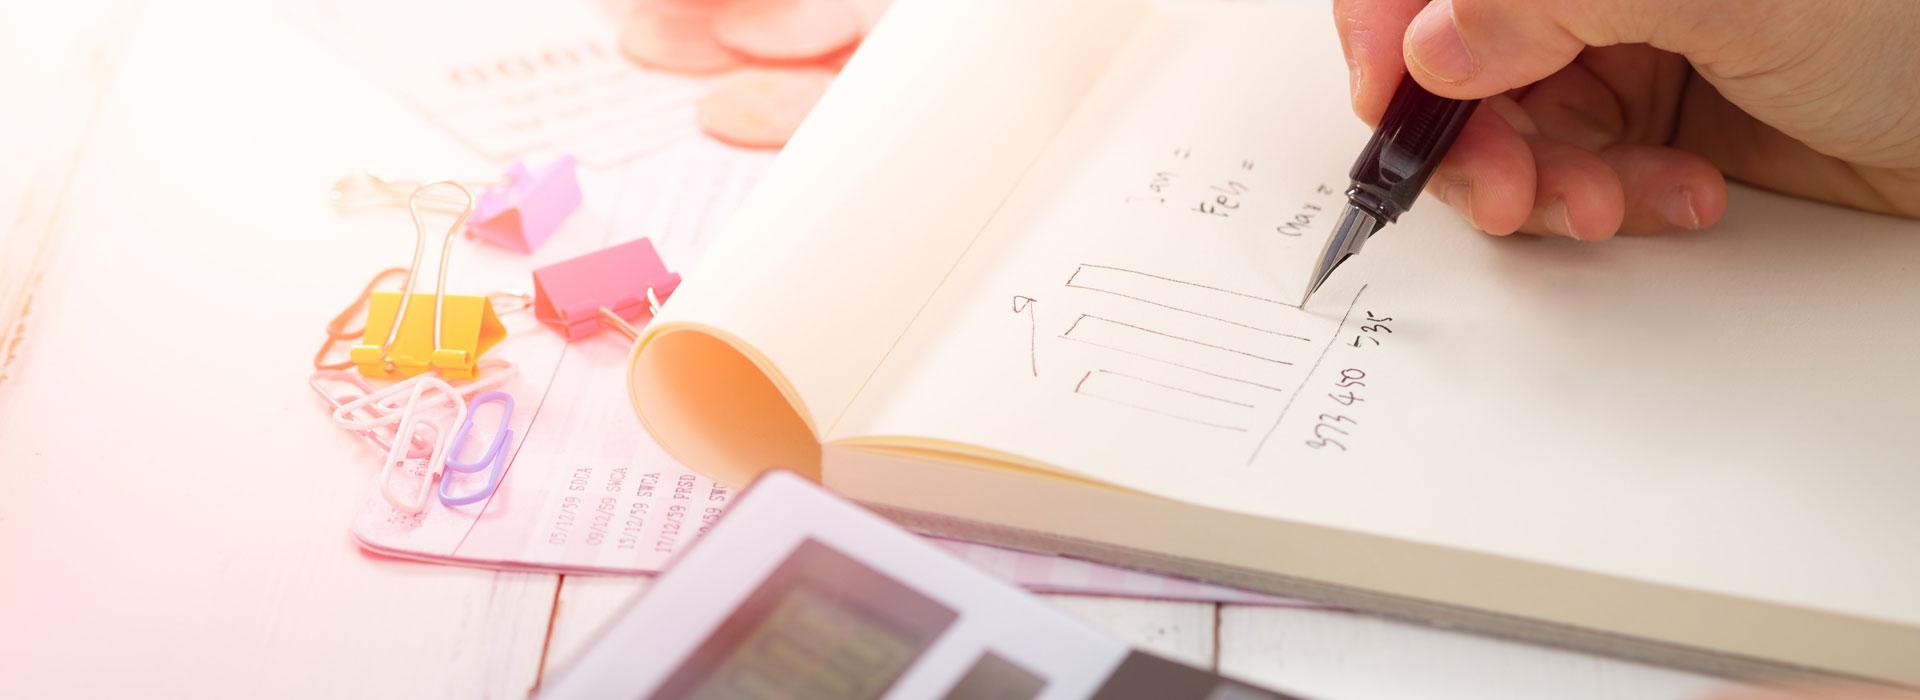 ROCHE Financiele planning